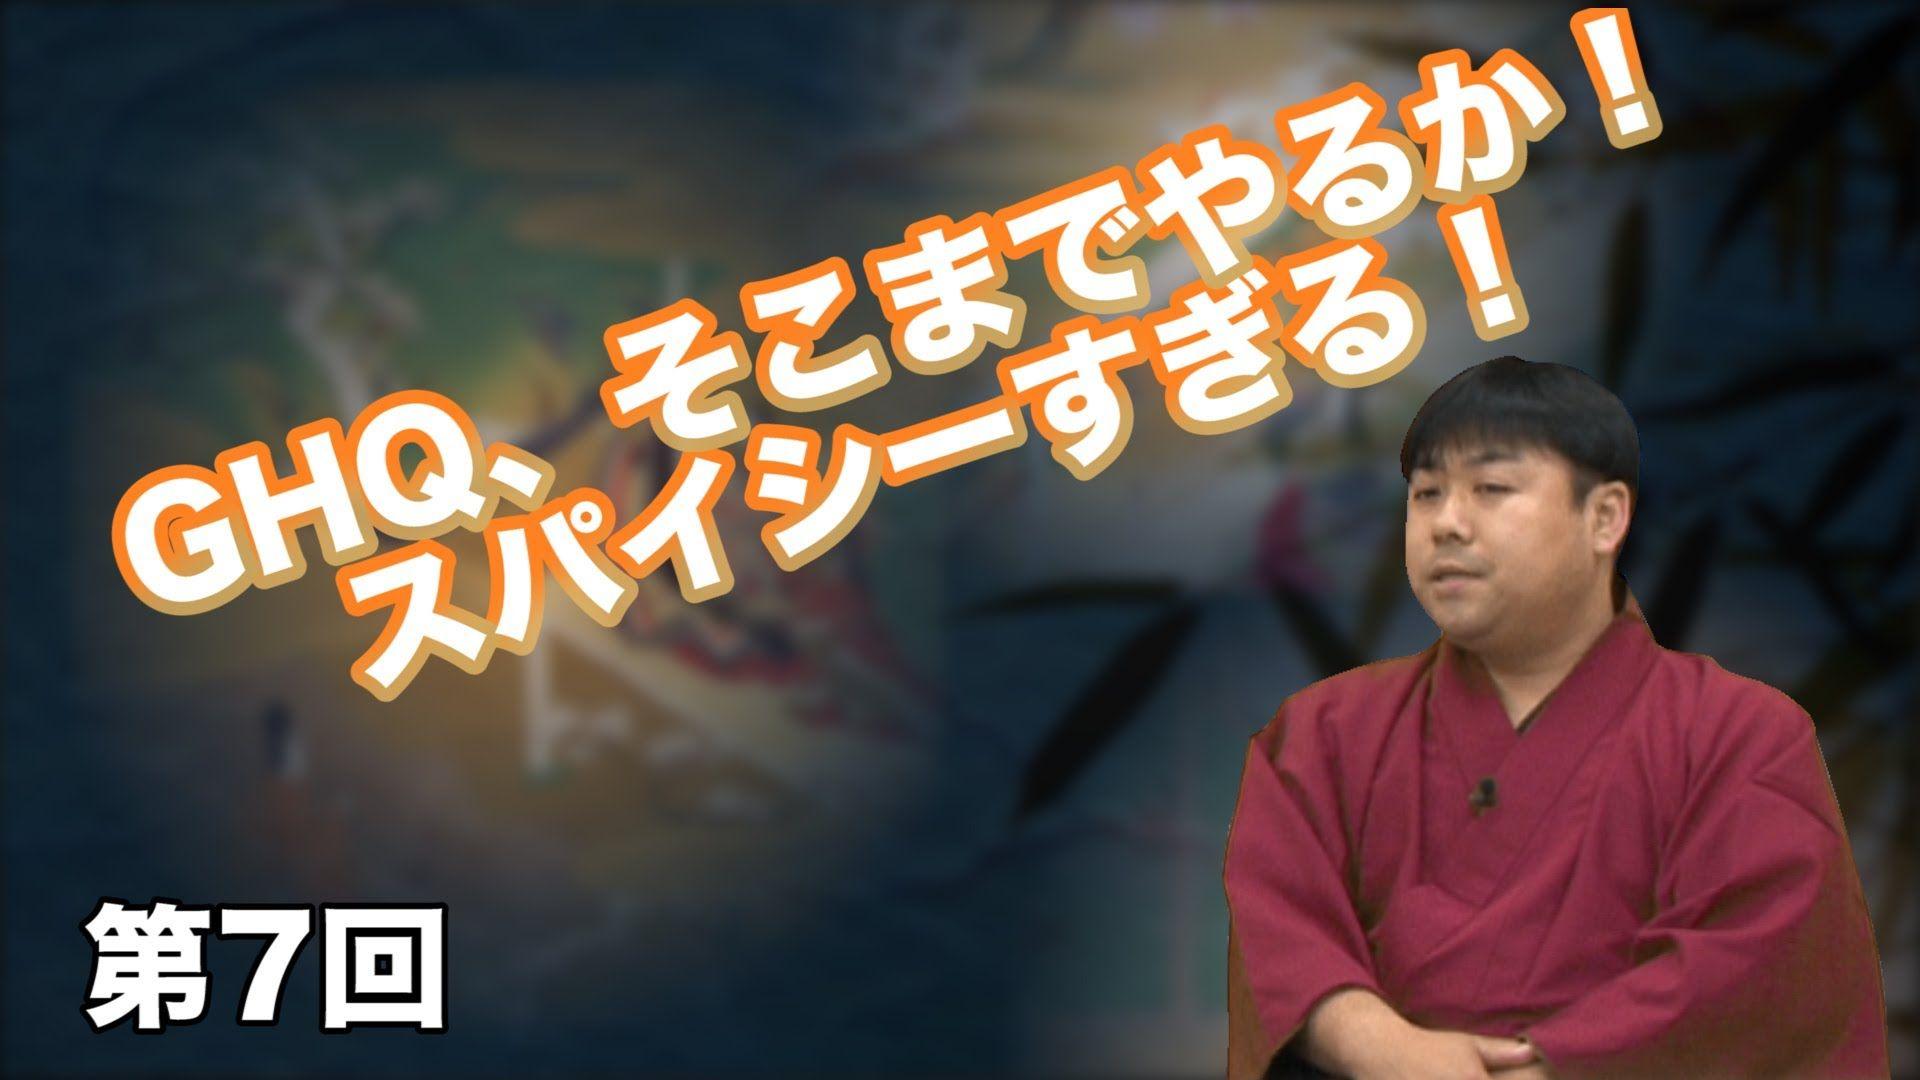 第7回 GHQ、そこまでやるか! スパイシーすぎる!【CGS 松田雄一】(再生リスト)